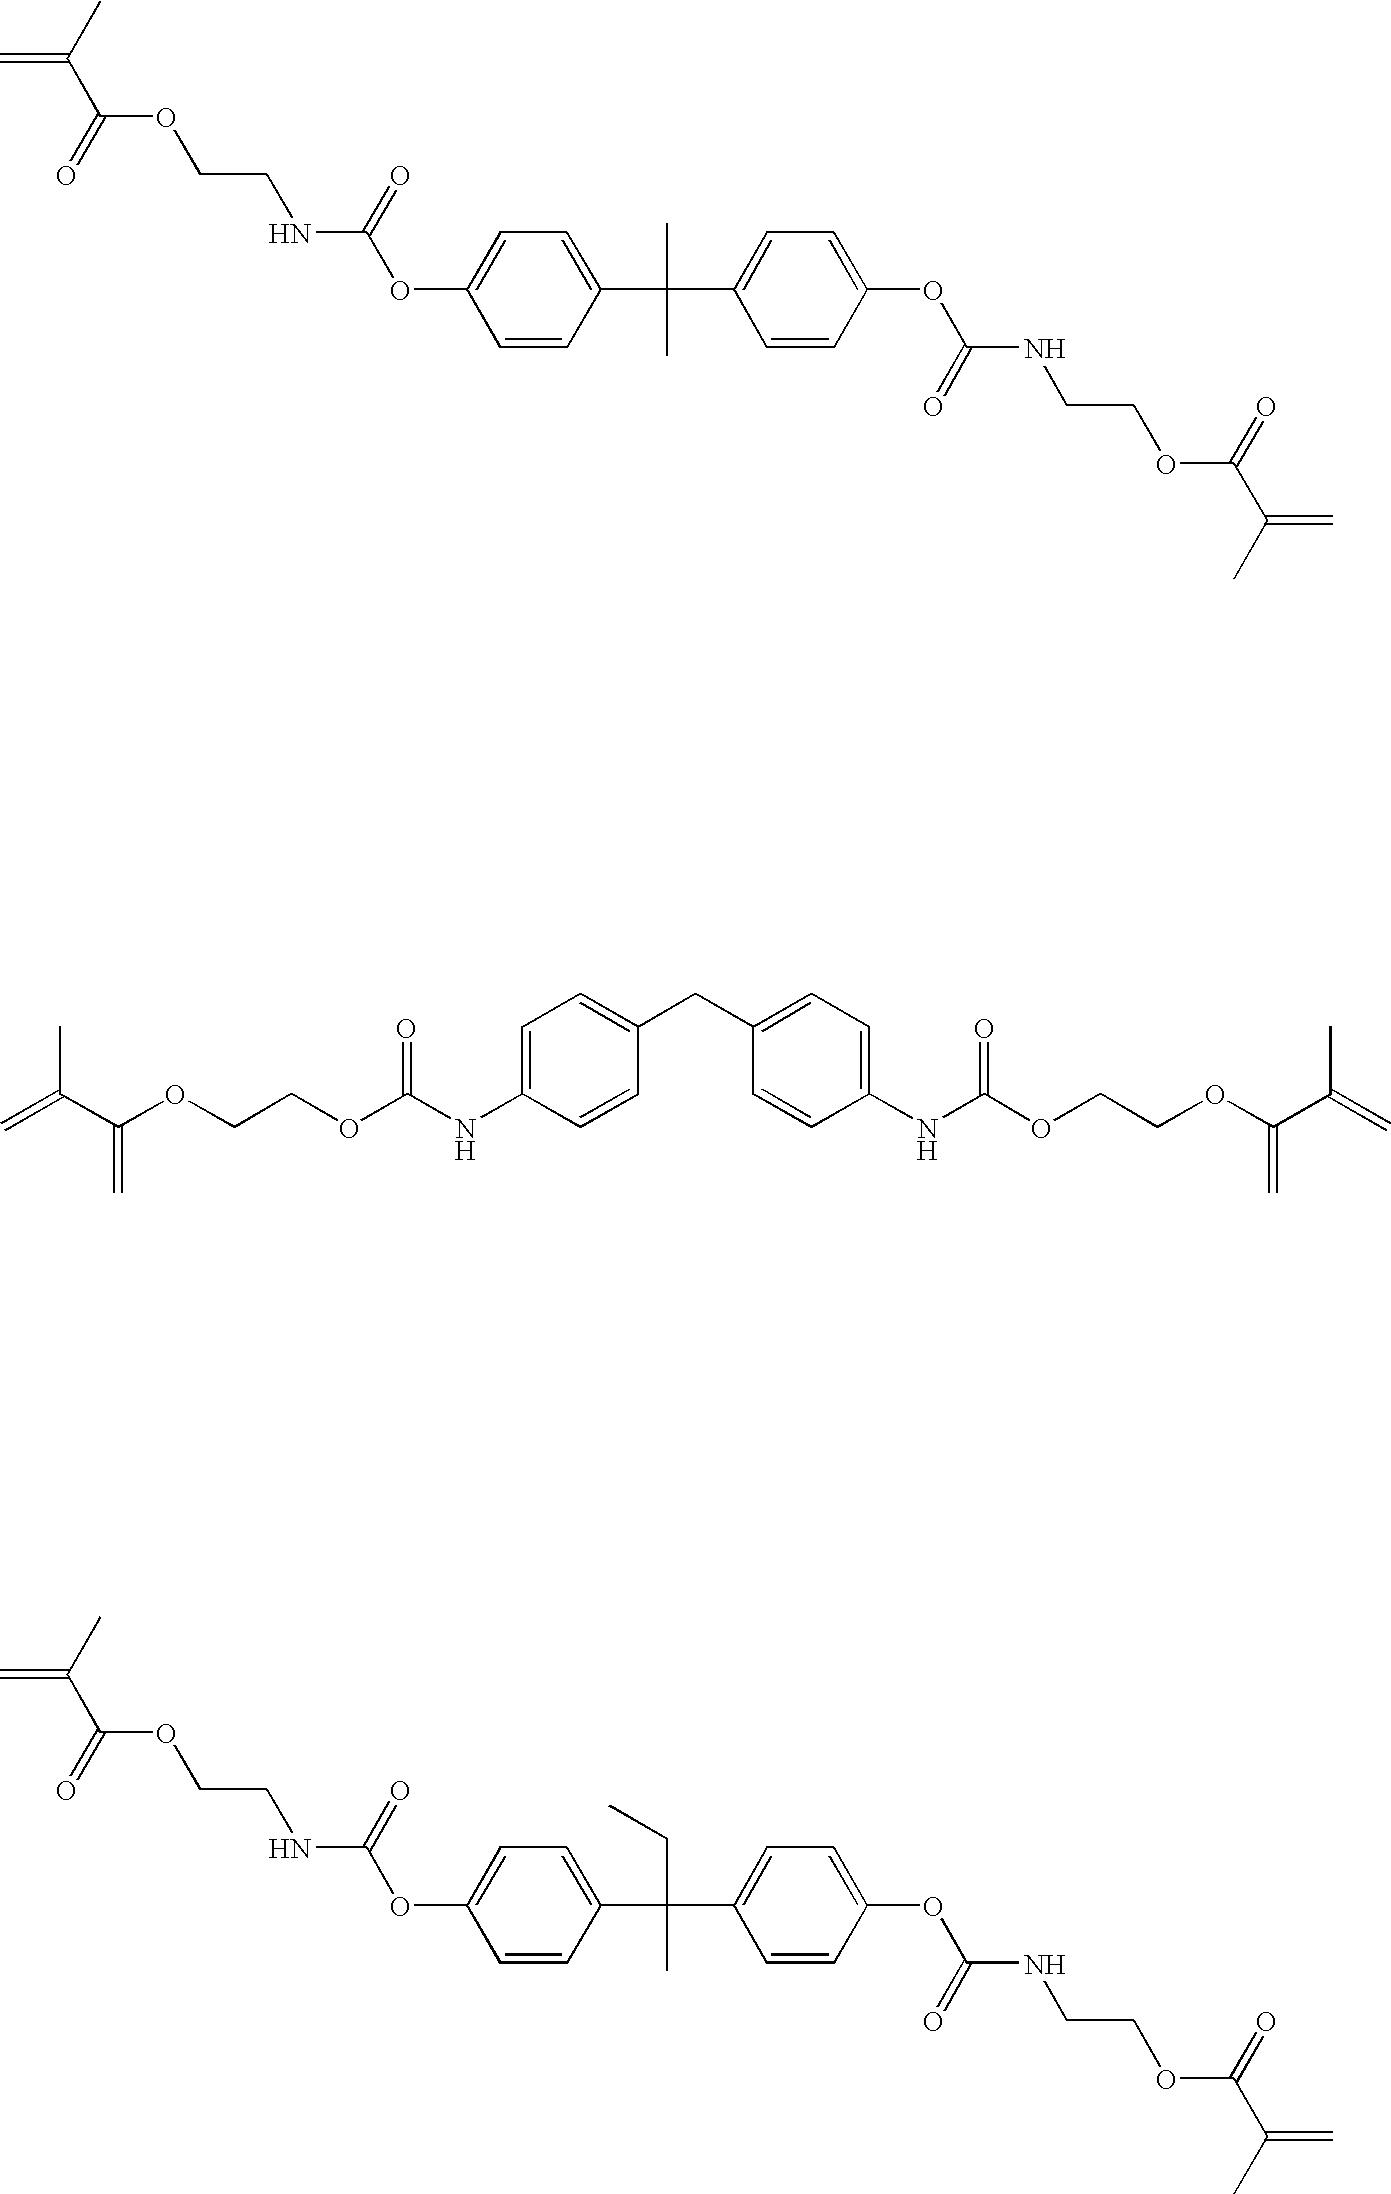 Figure US20090081414A1-20090326-C00023